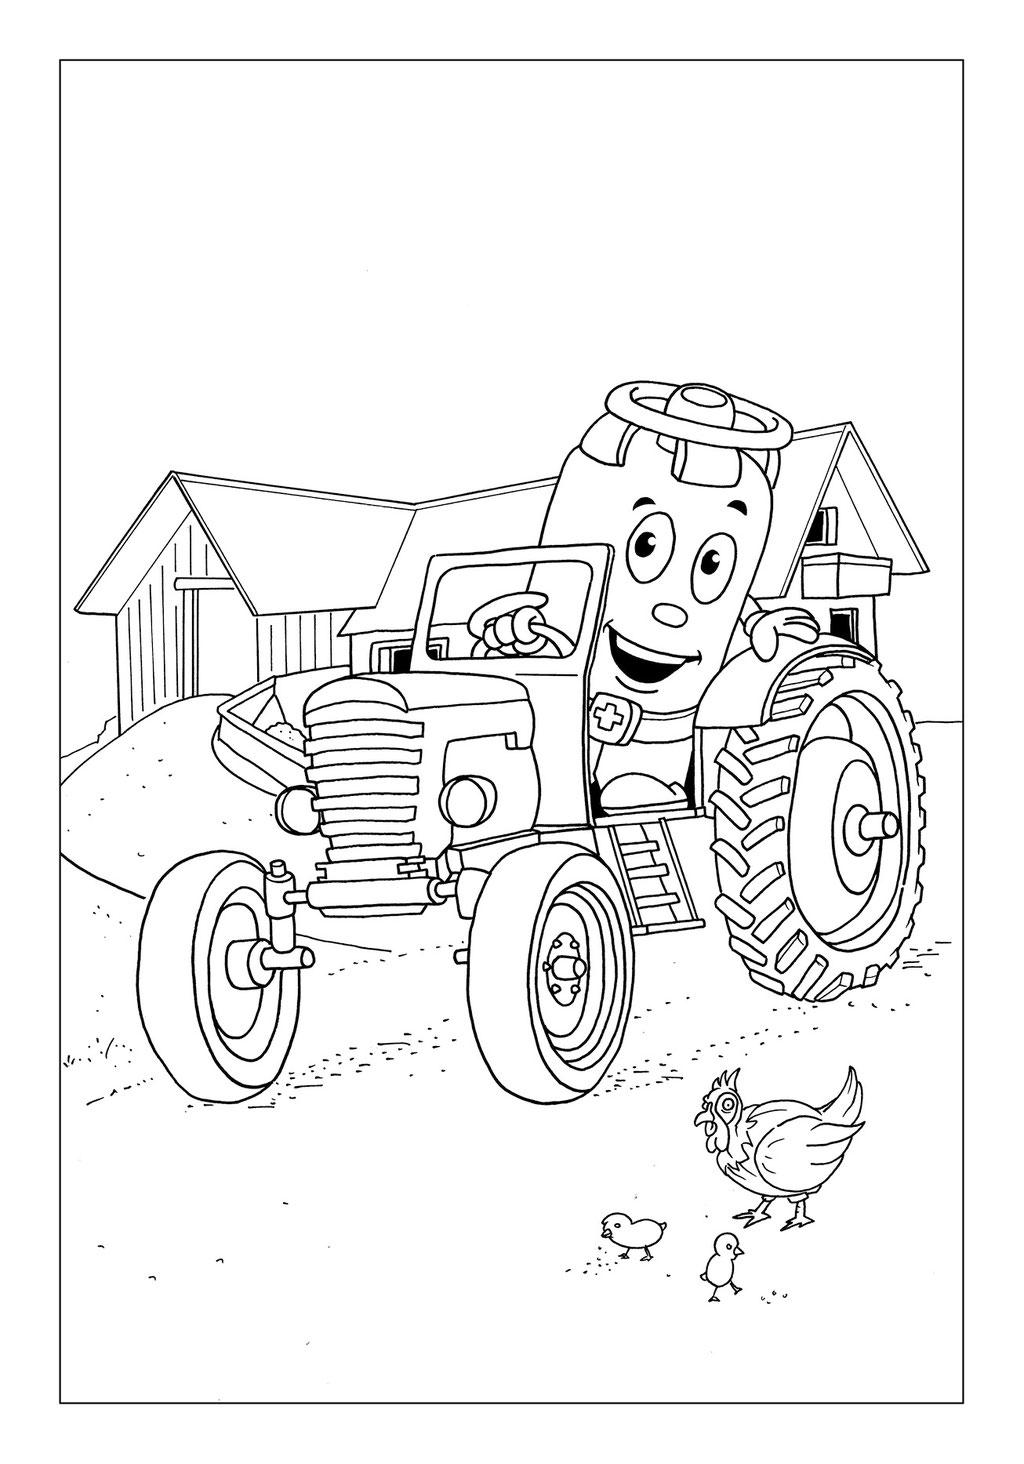 Vitogaz Kinder-Malbuch: Idee Zeichnung und Illustration: auf dem Traktor vor dem Bauernhof